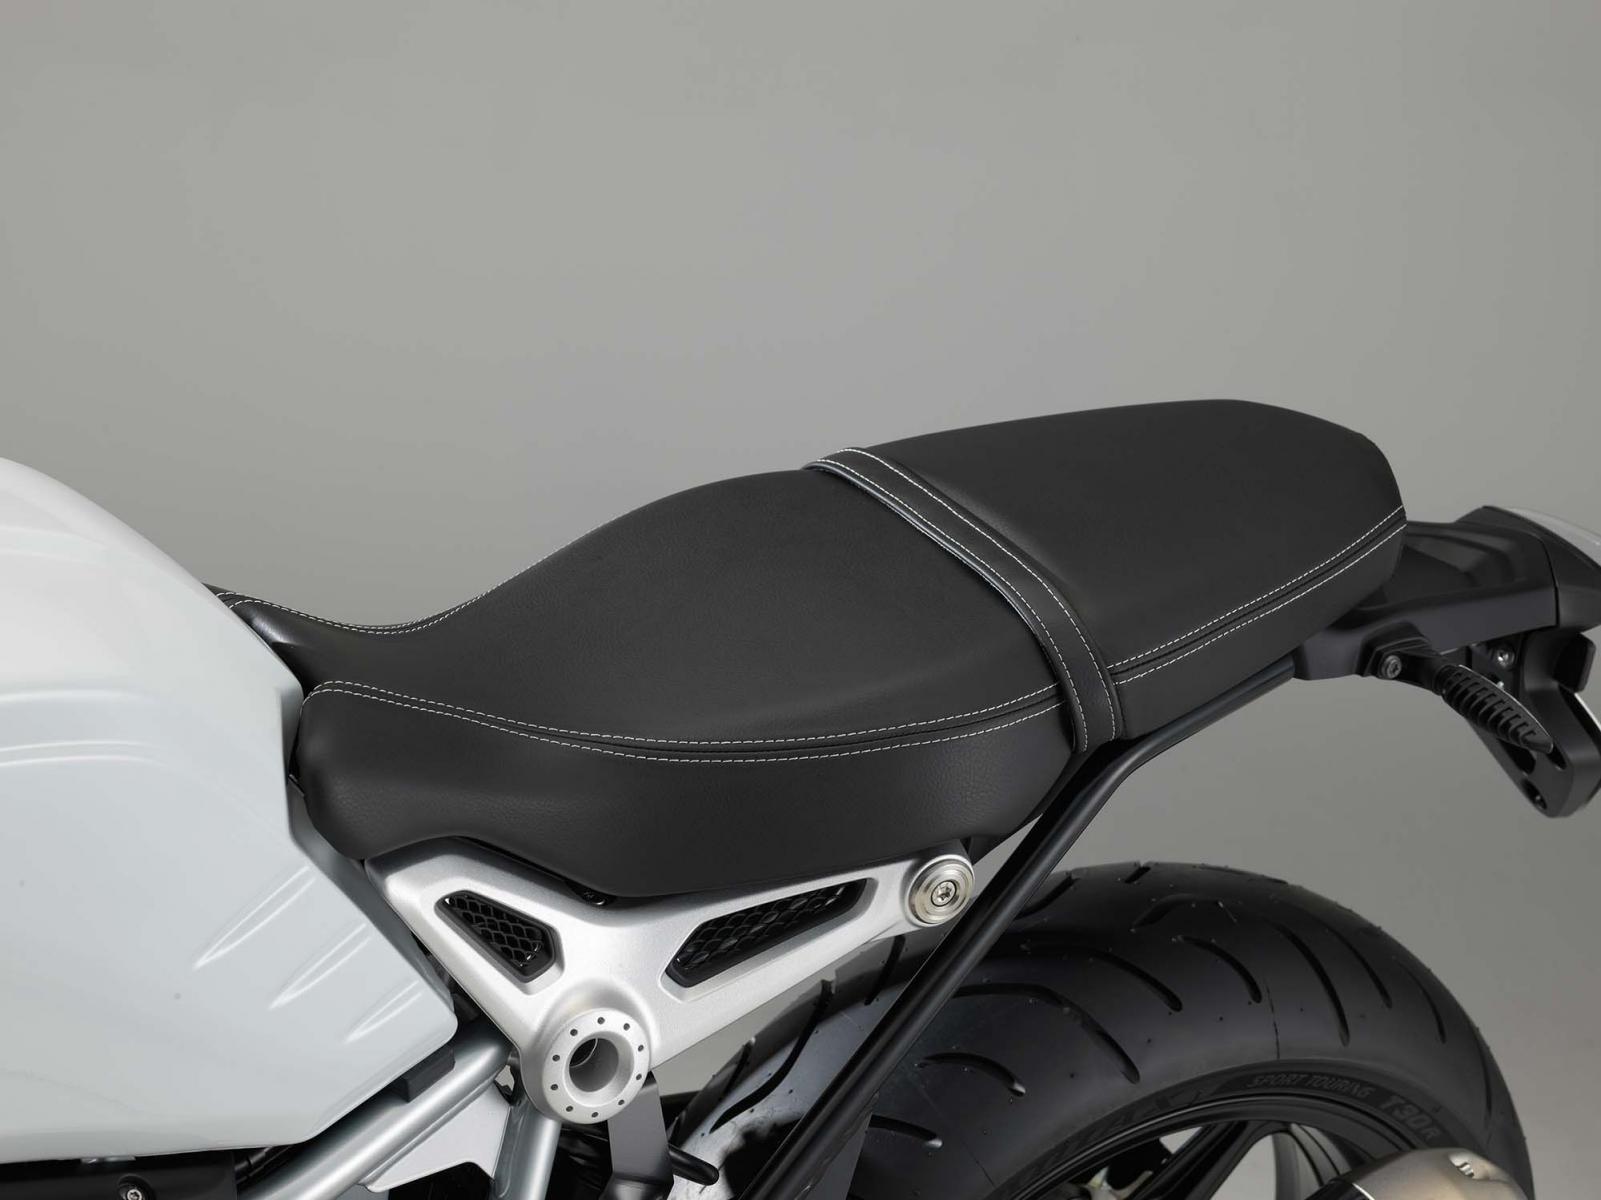 r nine t racer passenger bmw ninet forum. Black Bedroom Furniture Sets. Home Design Ideas